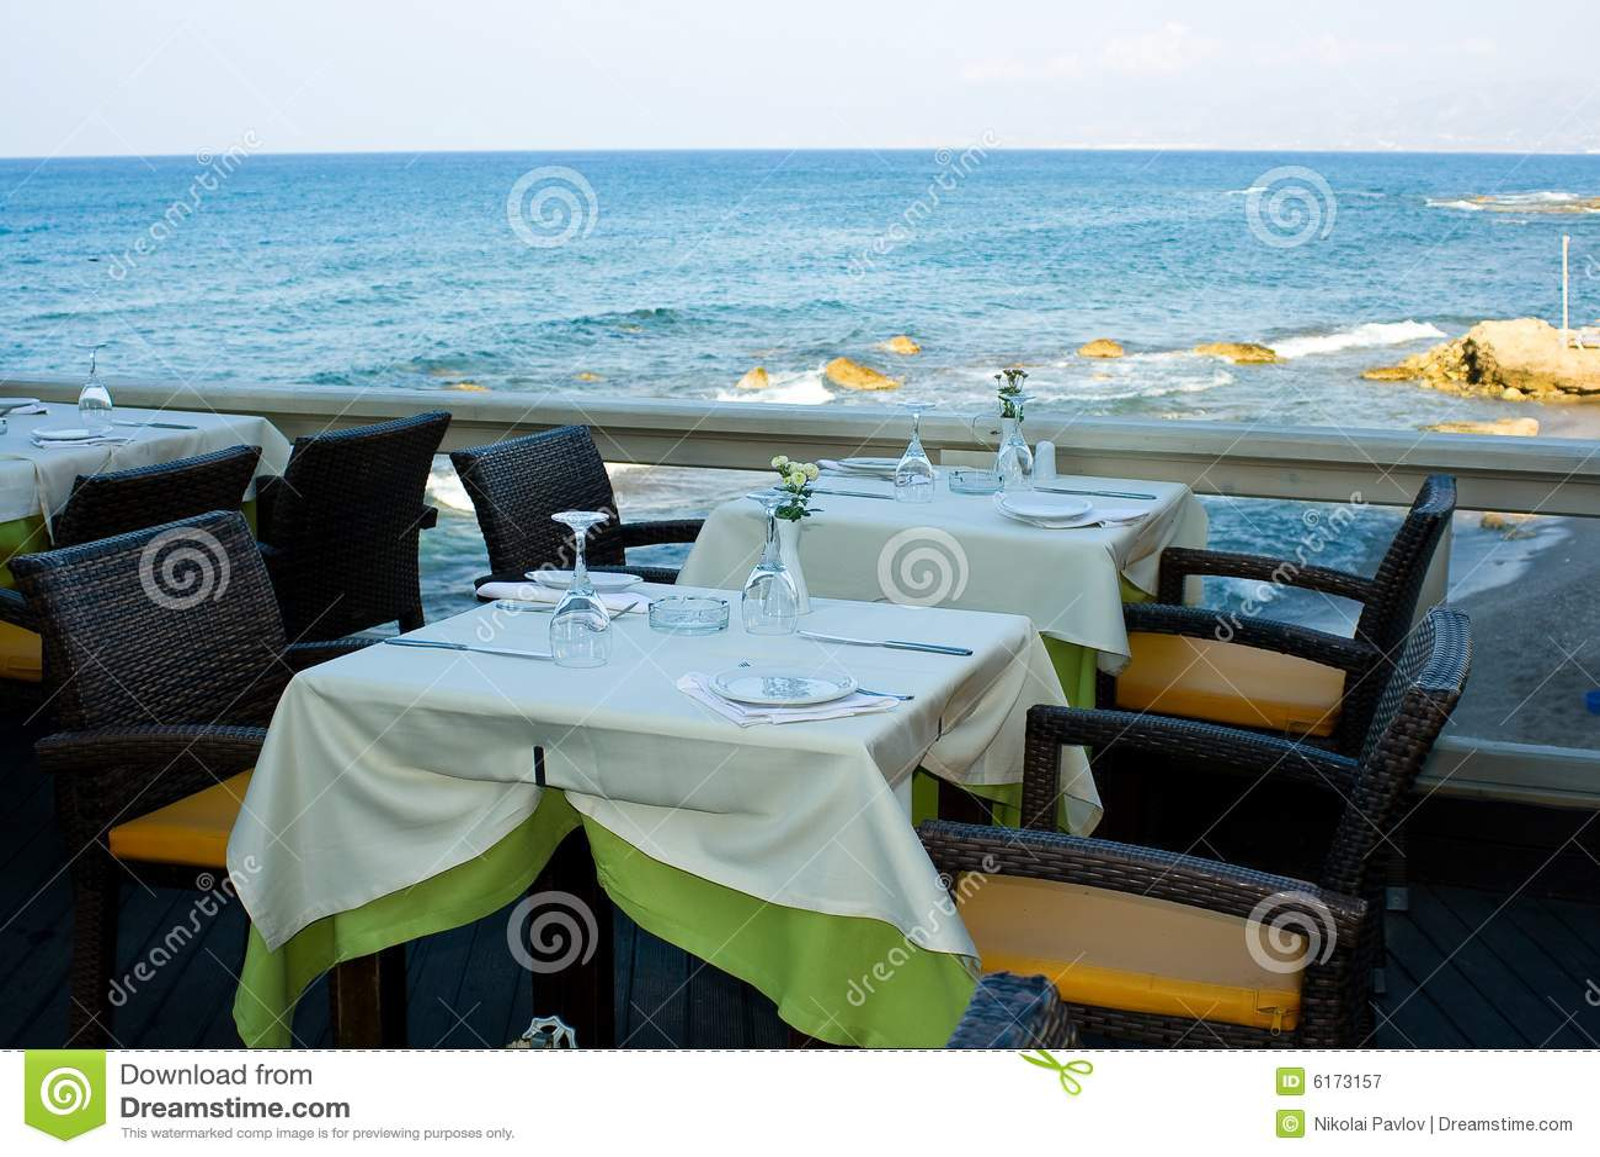 Caffee pusty stolik krzesło eleganckie